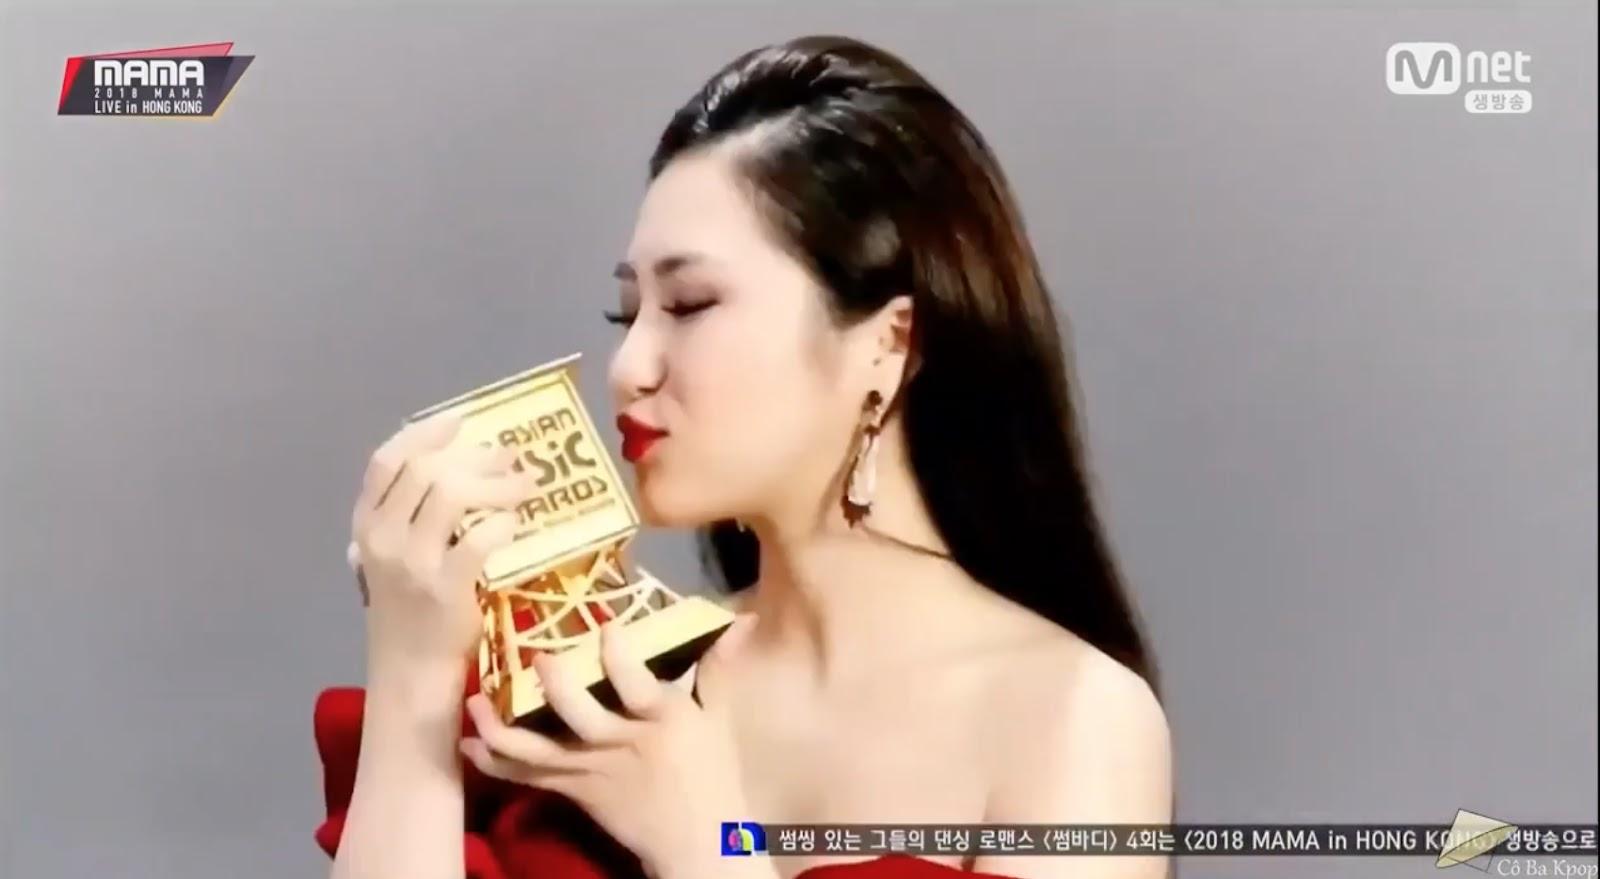 2018 mama best asian artist 4